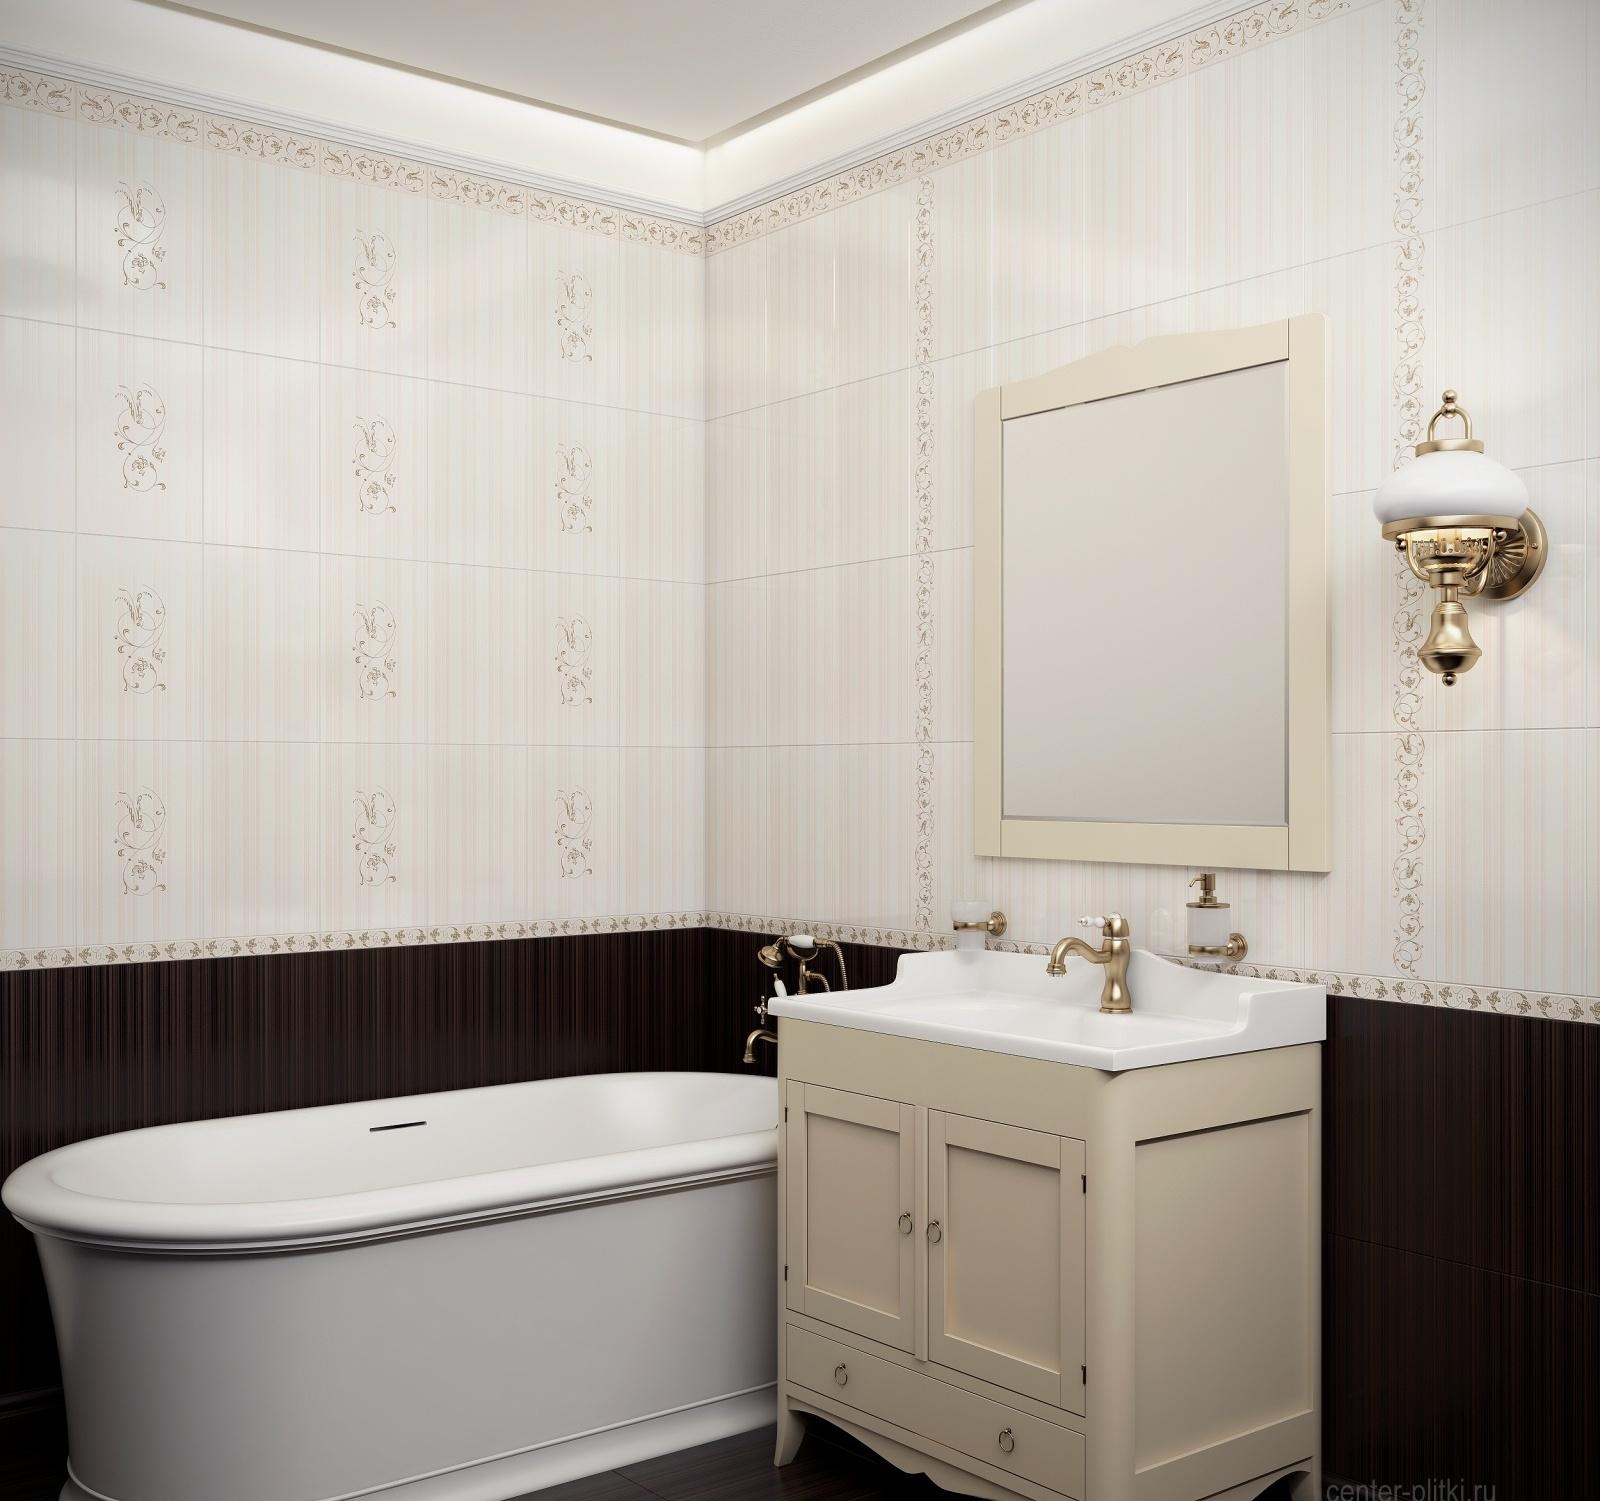 Керамическая плитка для ванной - фото (67)